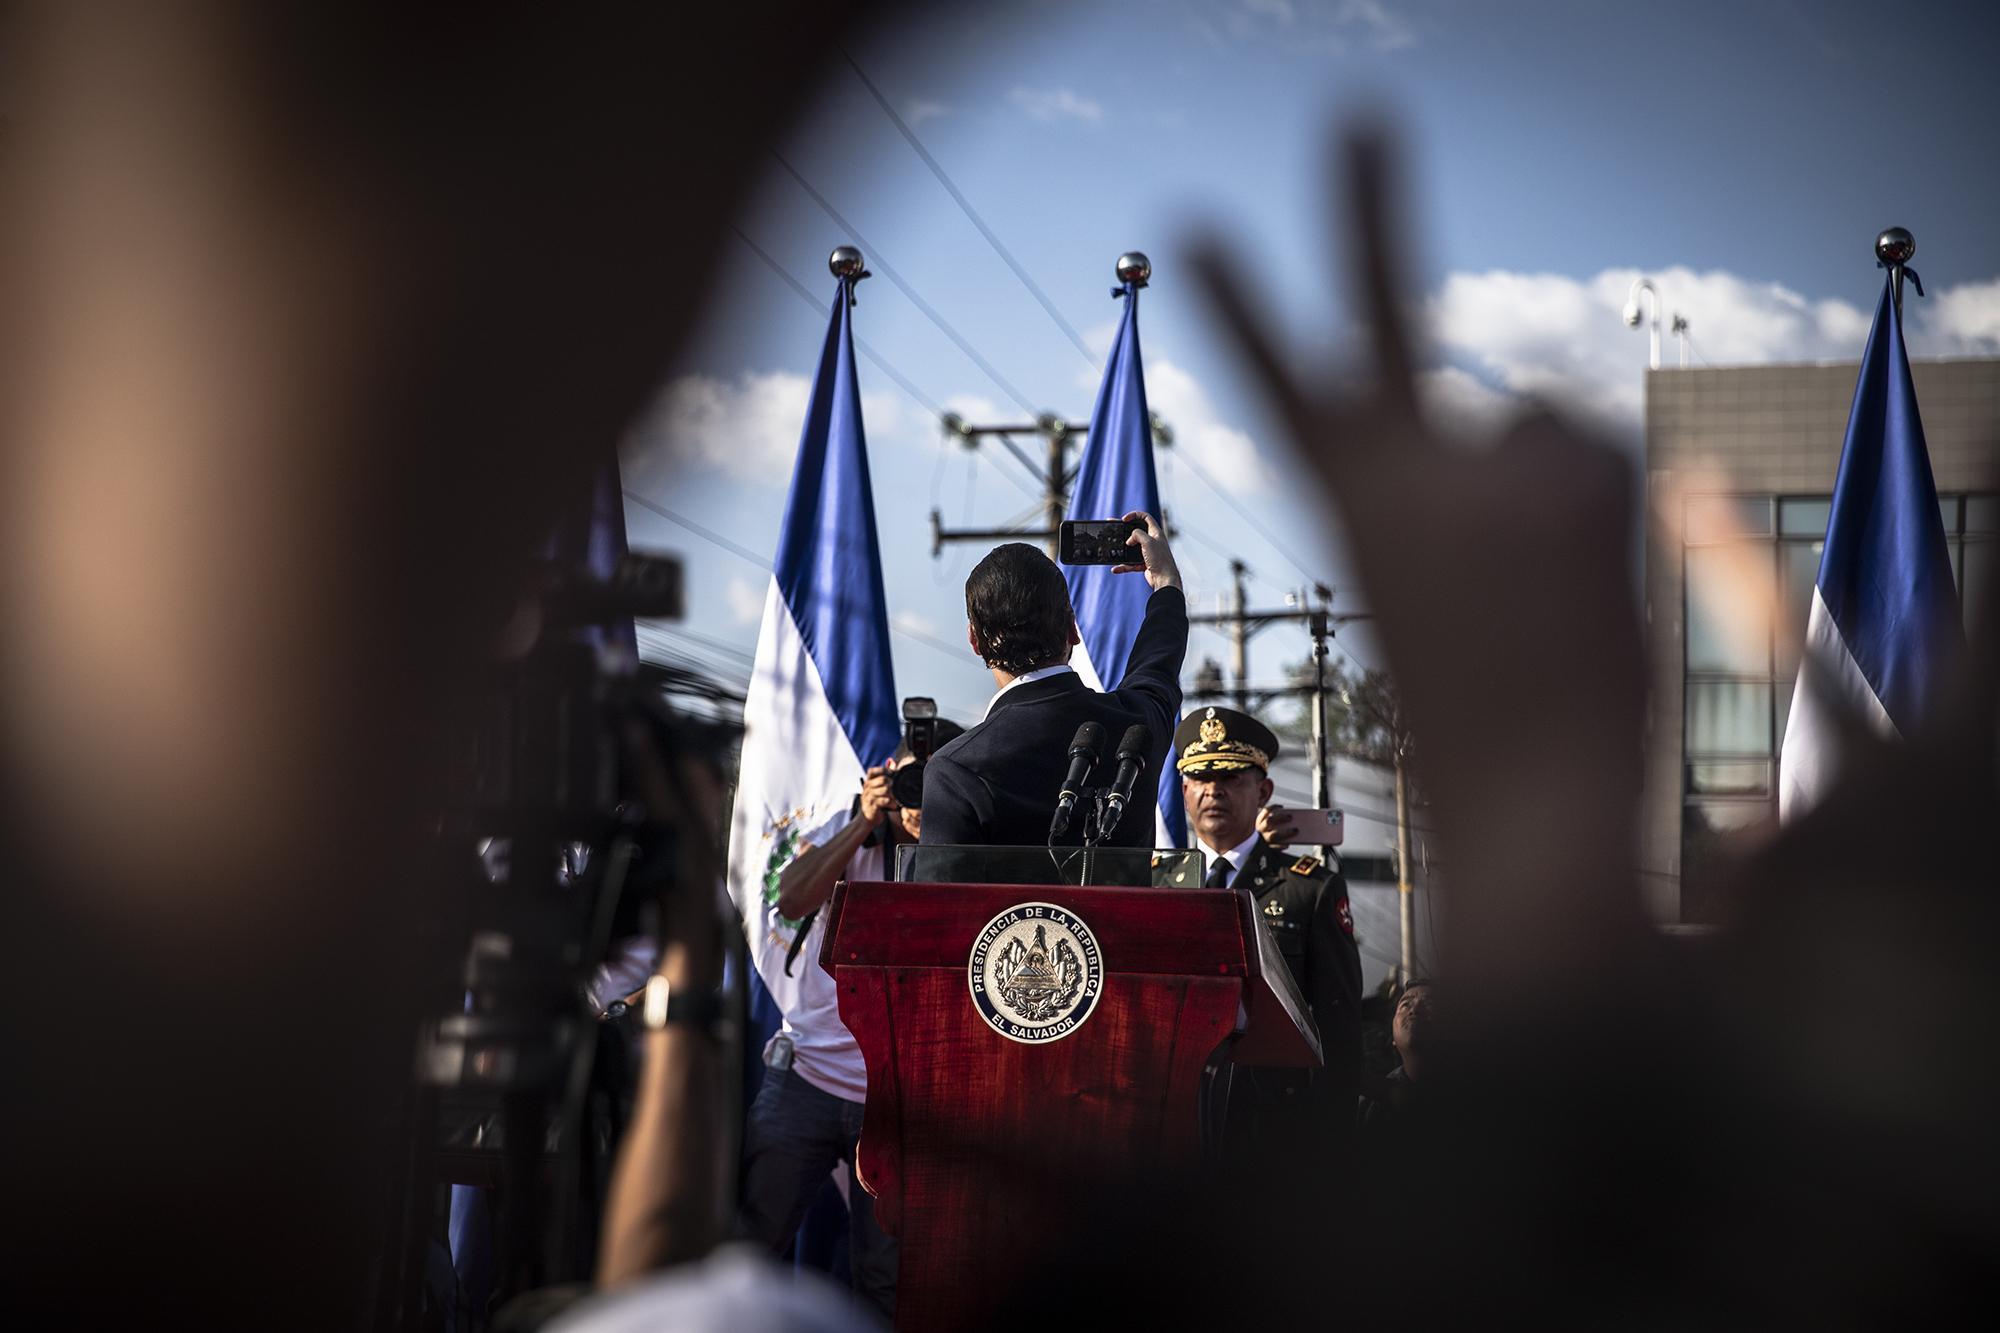 Minutosdespuésde que Bukelesepresentóen latarima este domingo 9 de febrero,repitiófrenteacentenaresde personas el mismogestoquerealizó aquella madrugadadel 3 defebrero de 2019, cuandoanuncióquehabíaganadola Presidenciade El Salvador. Bukele se tomó una selfie . Foto de El Faro: Carlos Barrera